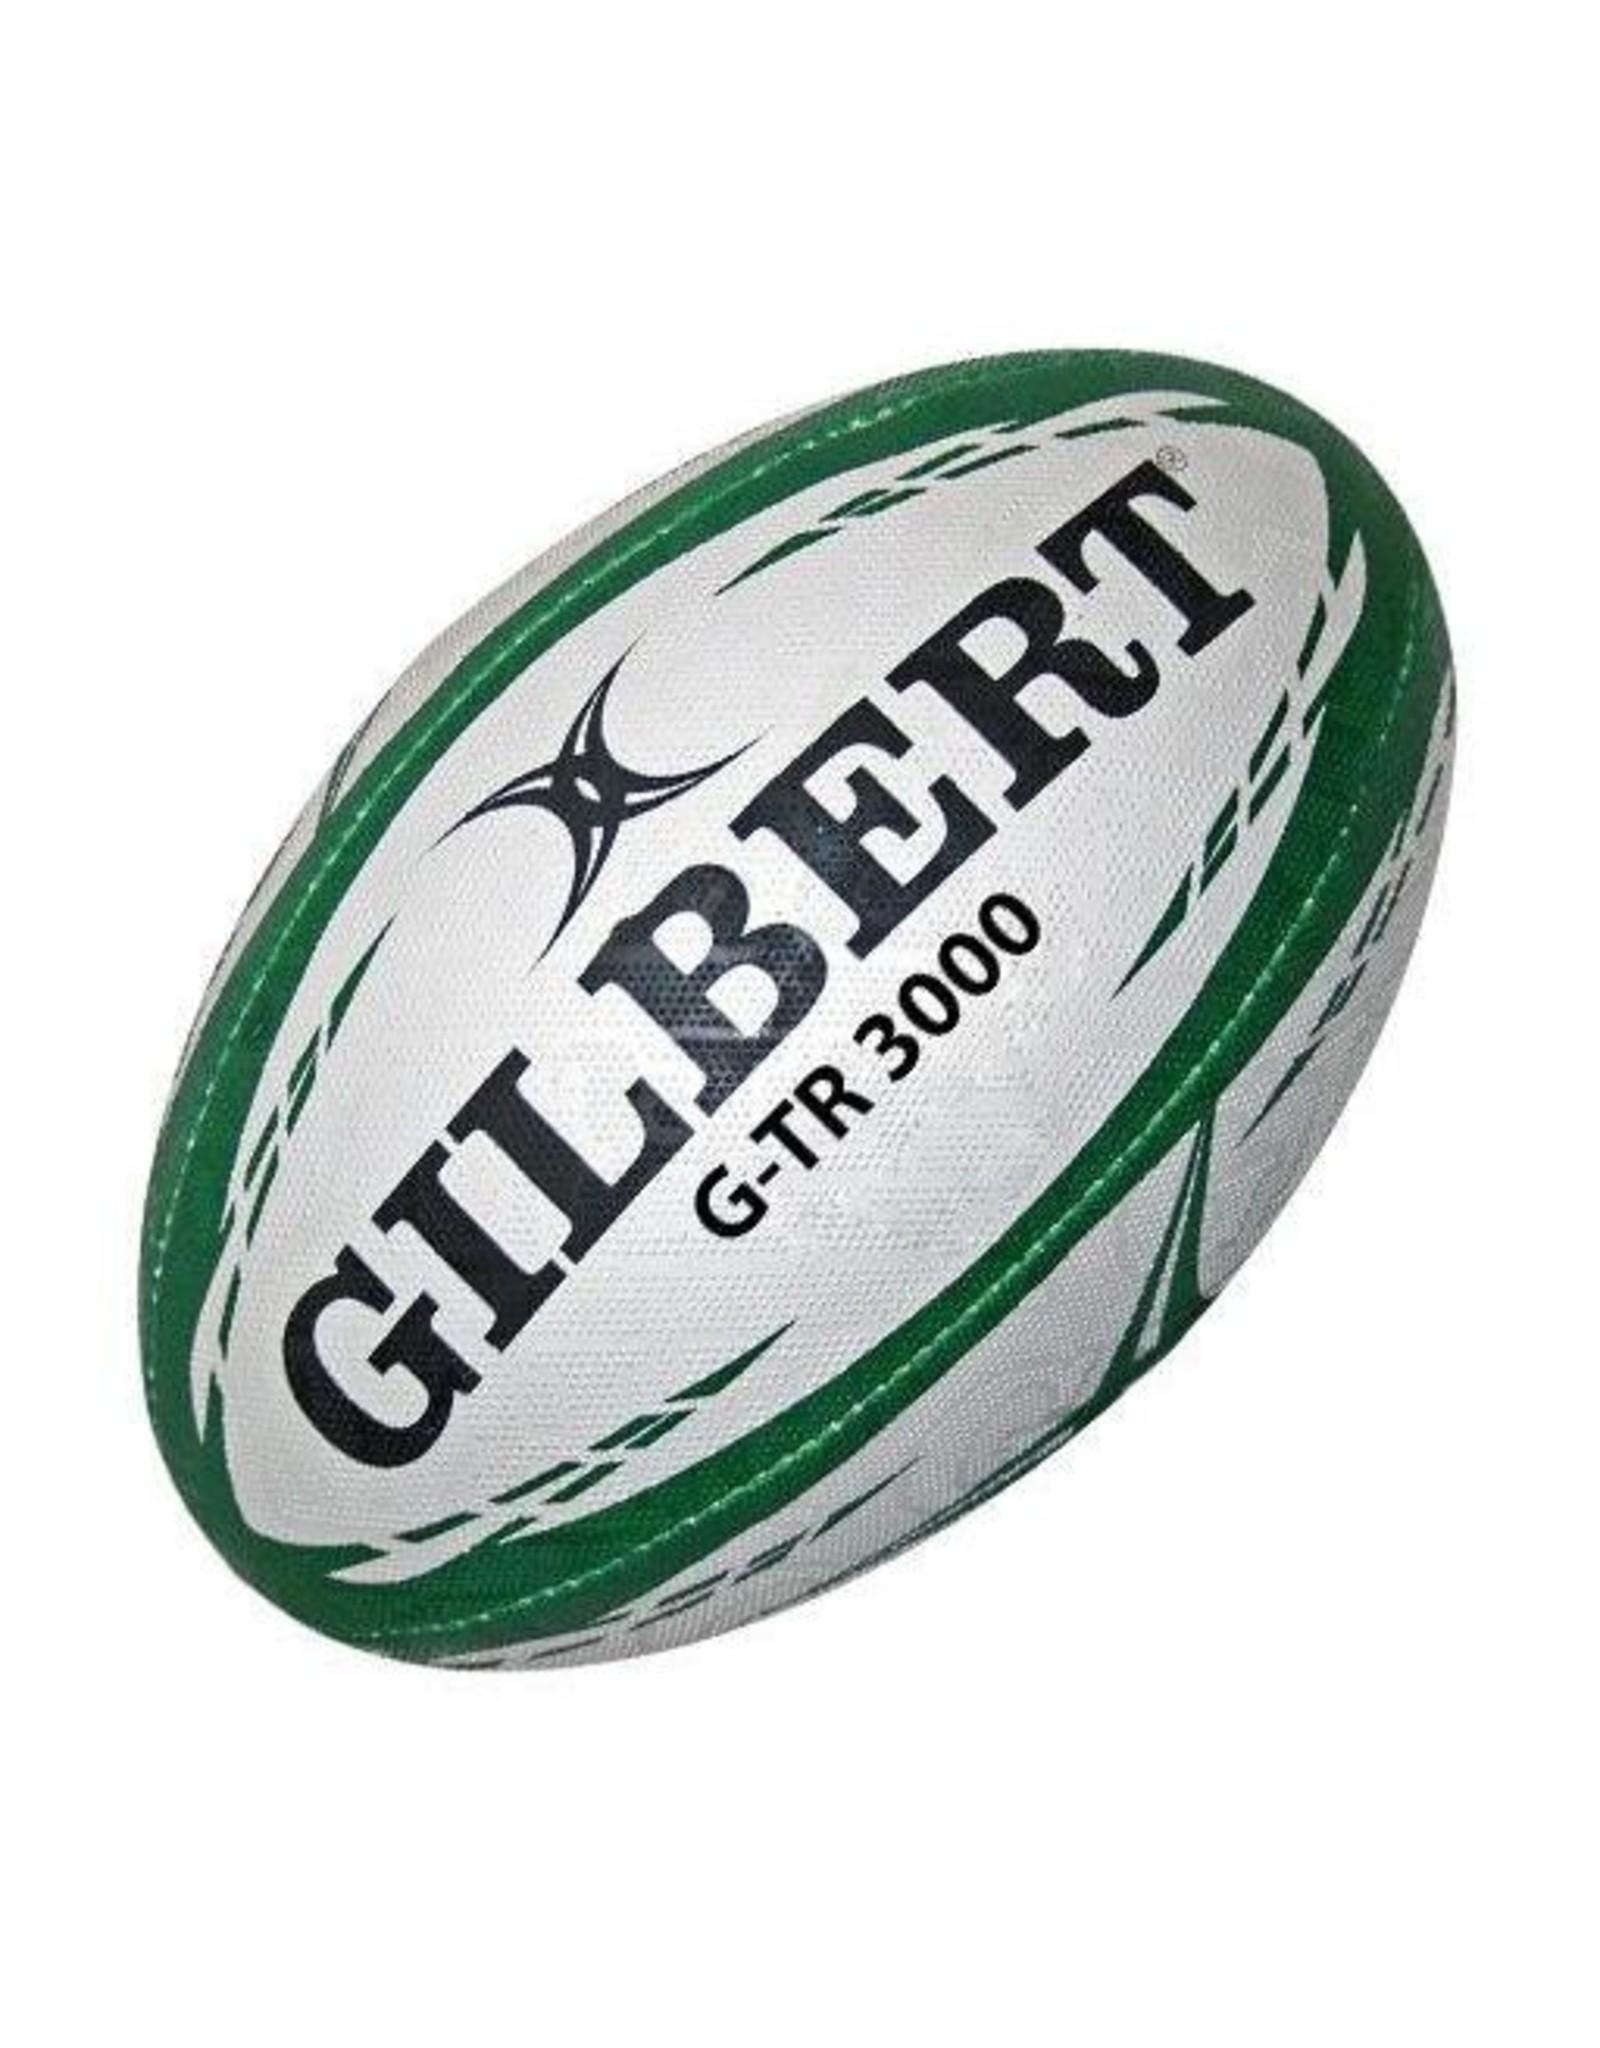 GILBERT G-TR3000 TRAINER BLK SZ 4